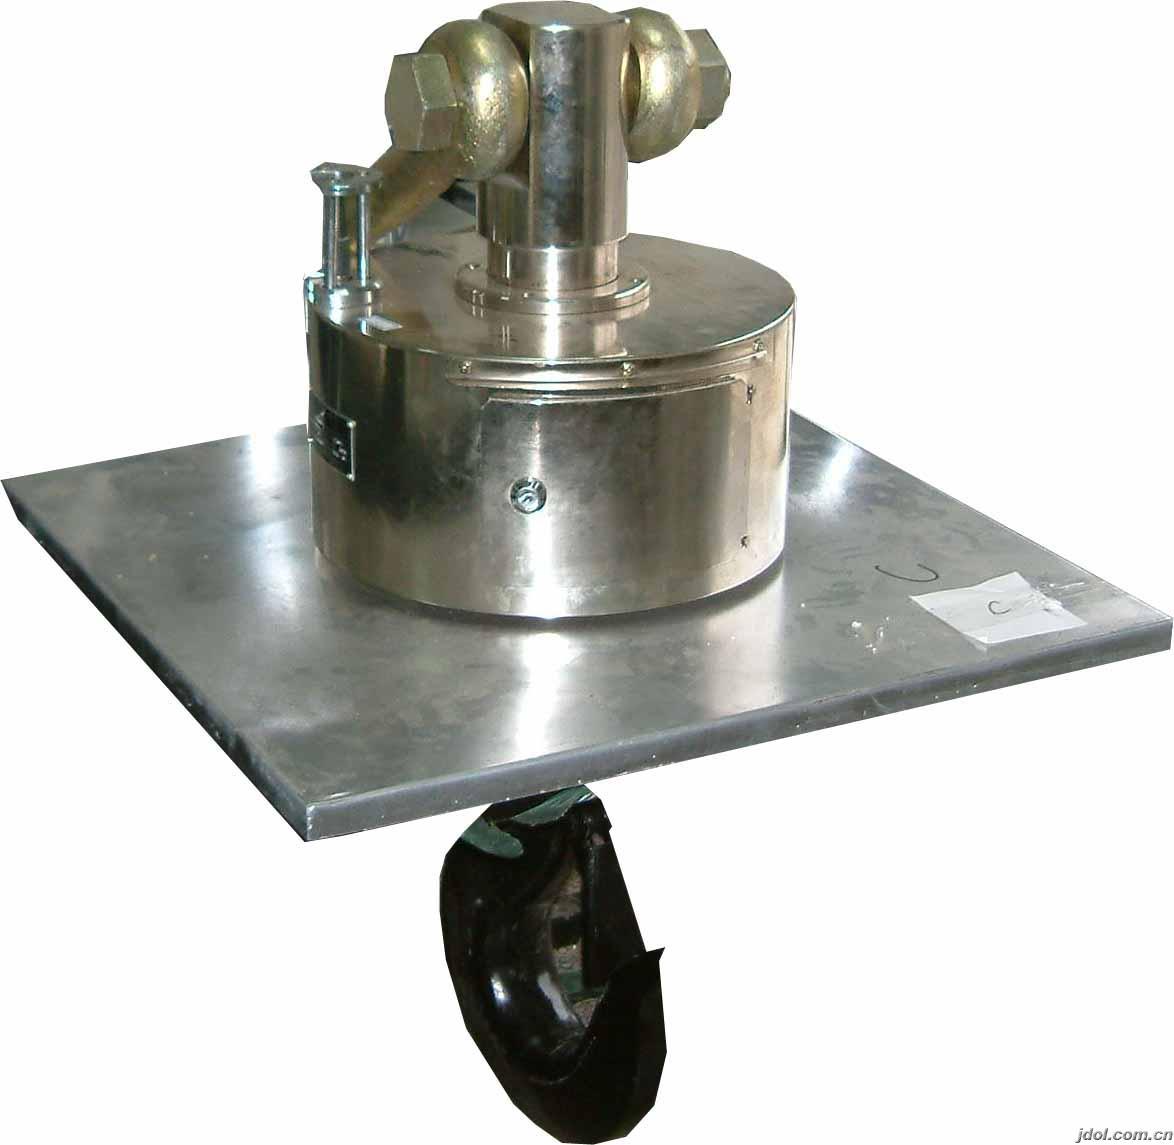 50吨高精度电子吊钩秤 隔热防护.铸造工厂用方便